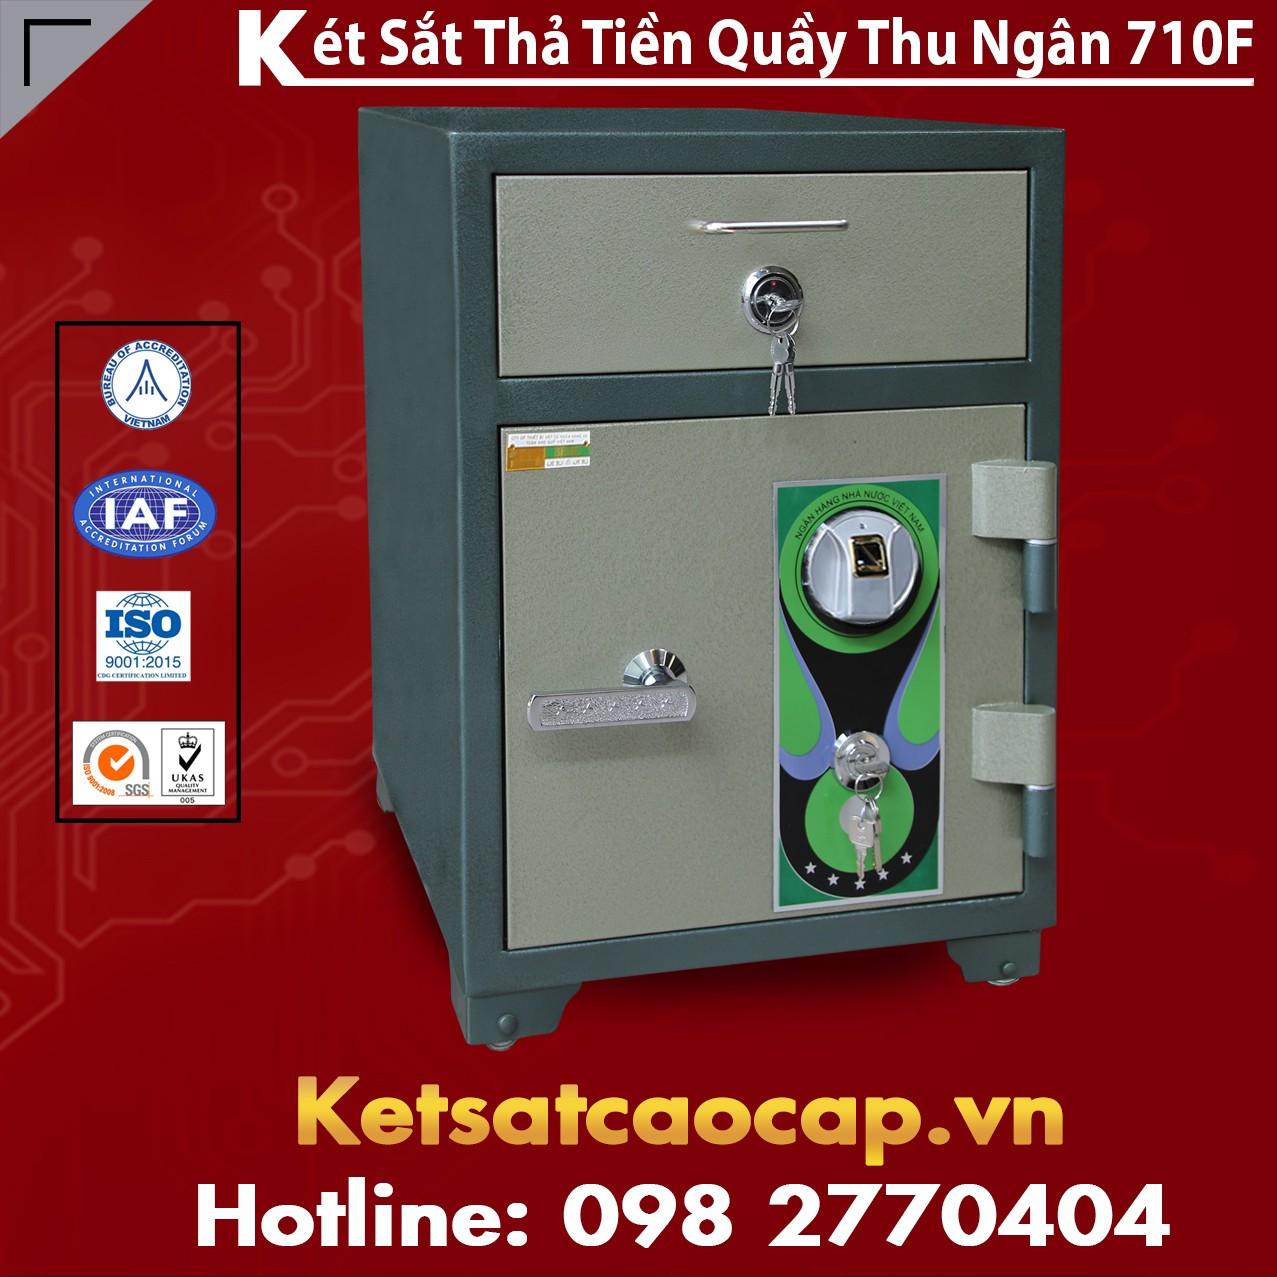 Két Sắt Vân Tay Bank Safes BEMC 710 F Tính Bảo Mật An Toàn Tuyệt Đối